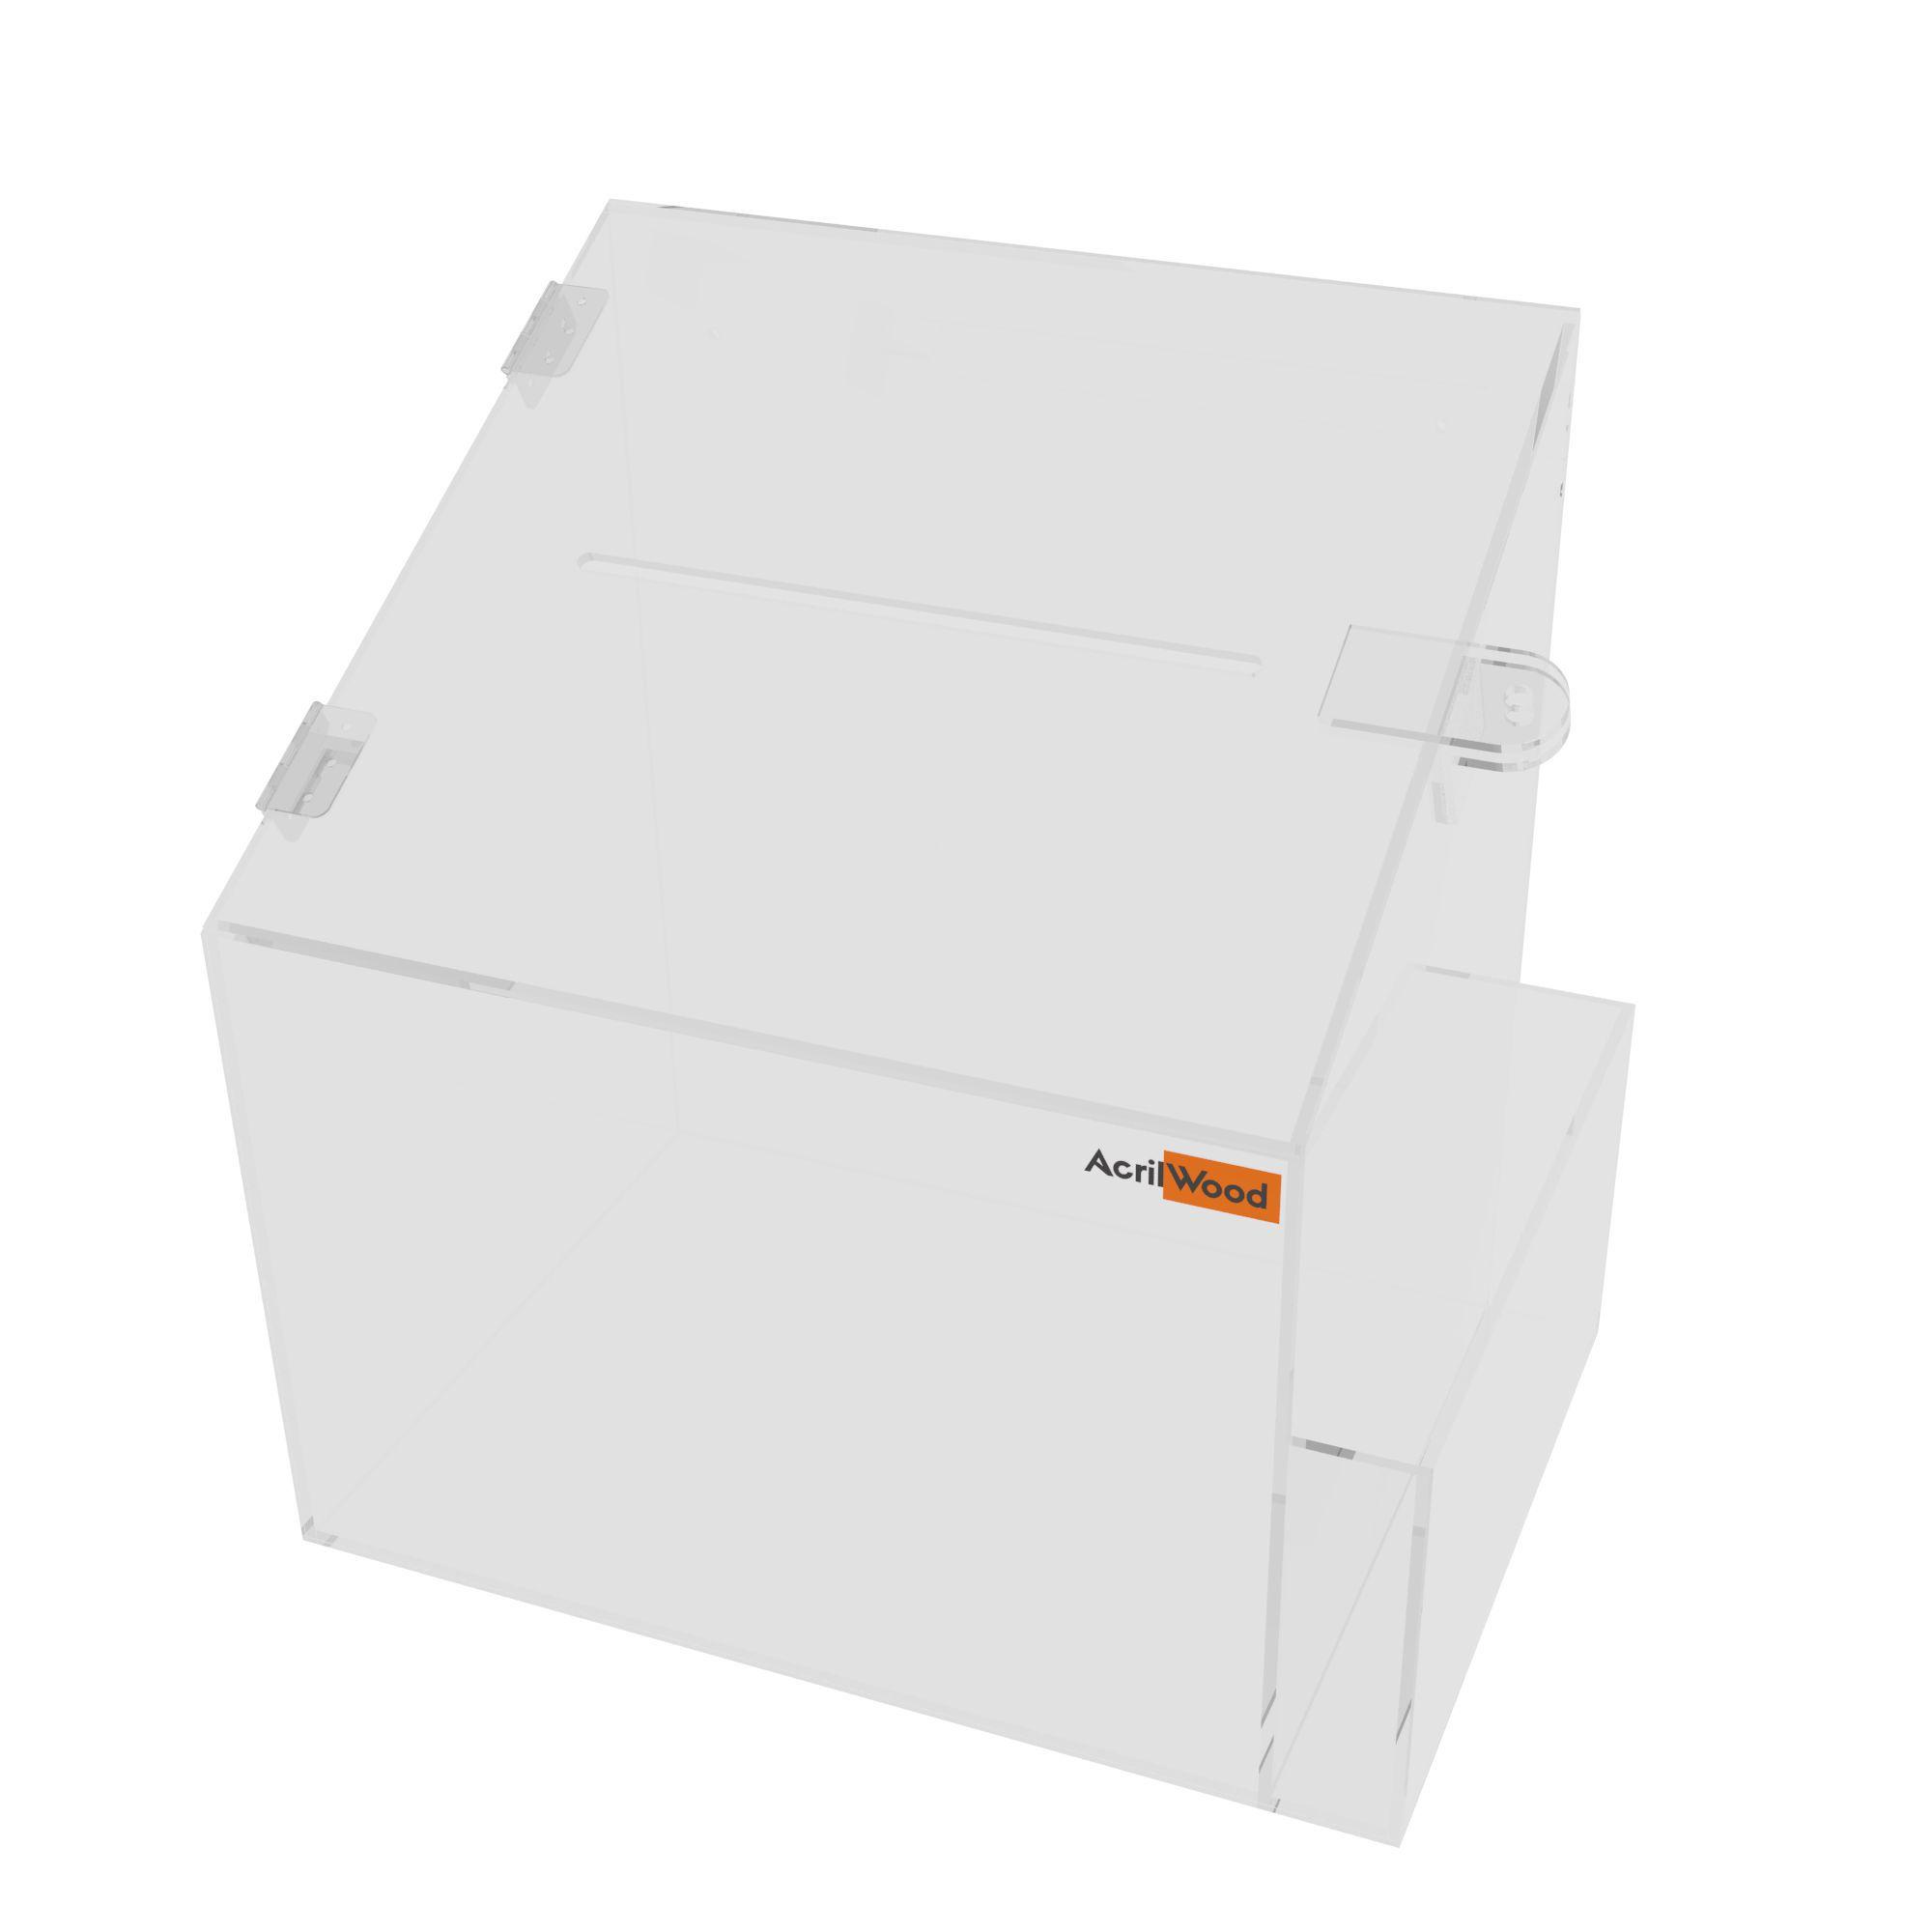 Caixa Sugestão Em Acrílico Cristal Grande - 25x20x30cm